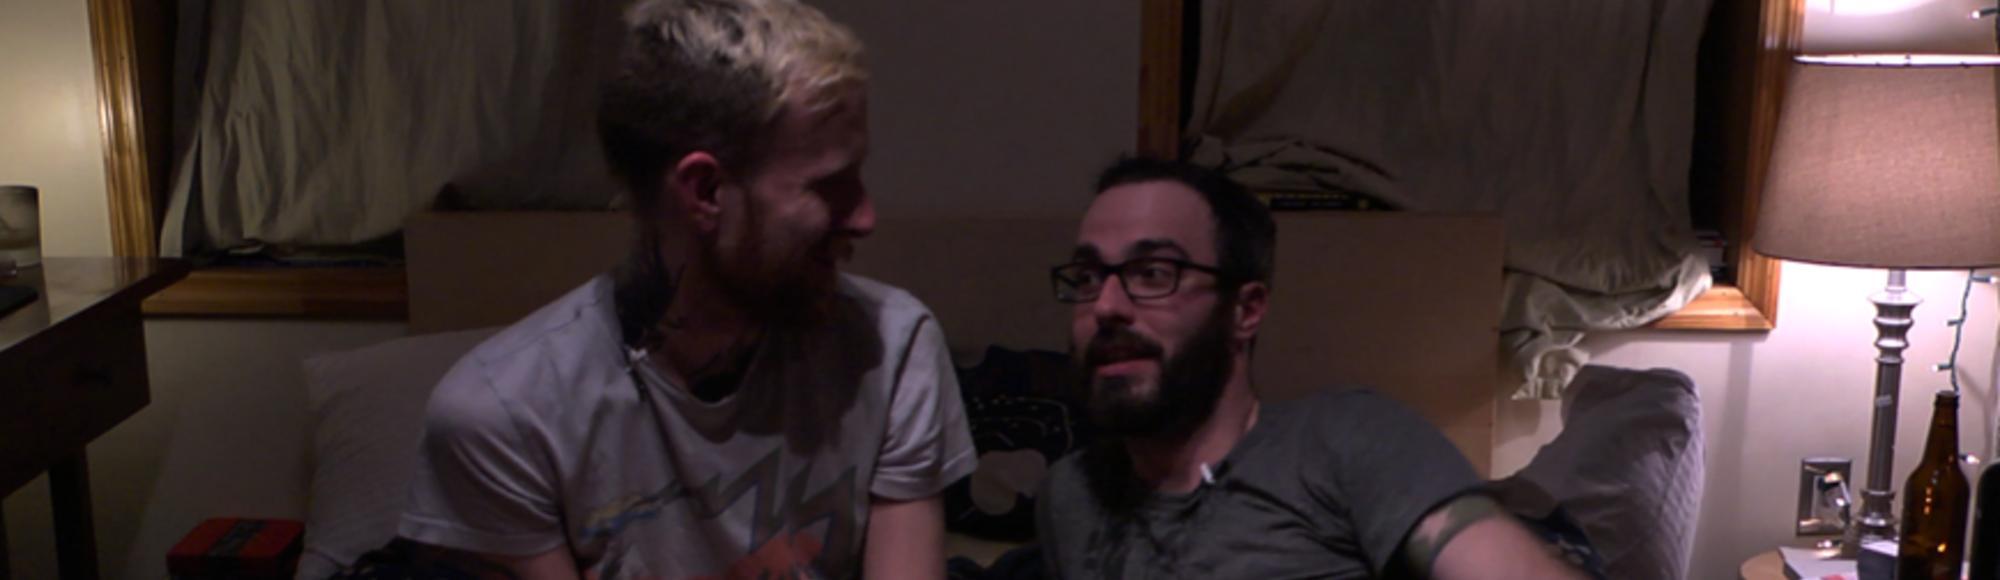 Ryan and Dan